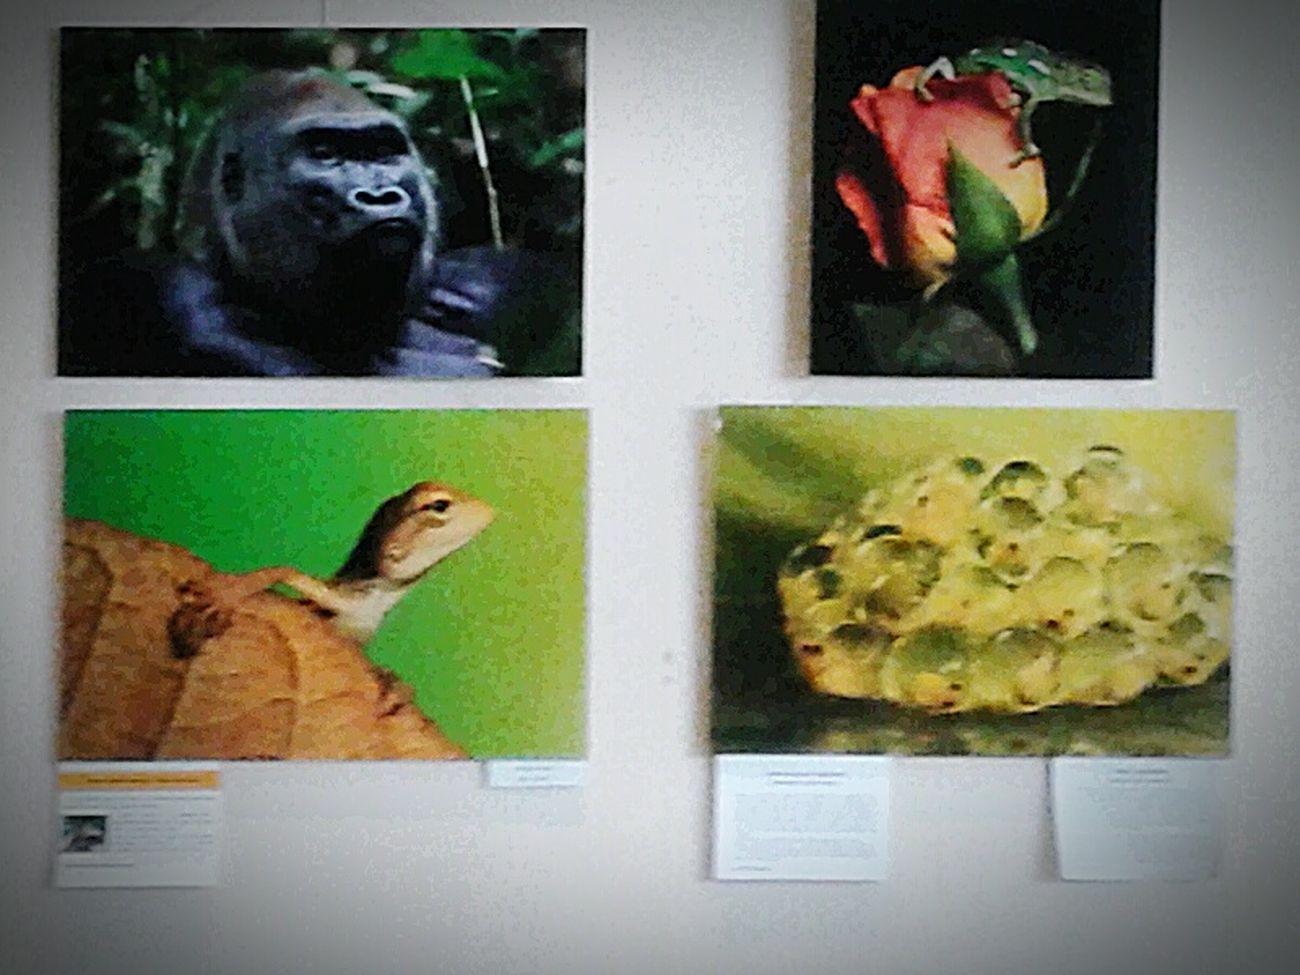 фотографии вокруг нас 2014 ходила на выставку в 2014 году Exbititon была в полном восторге воспоминания